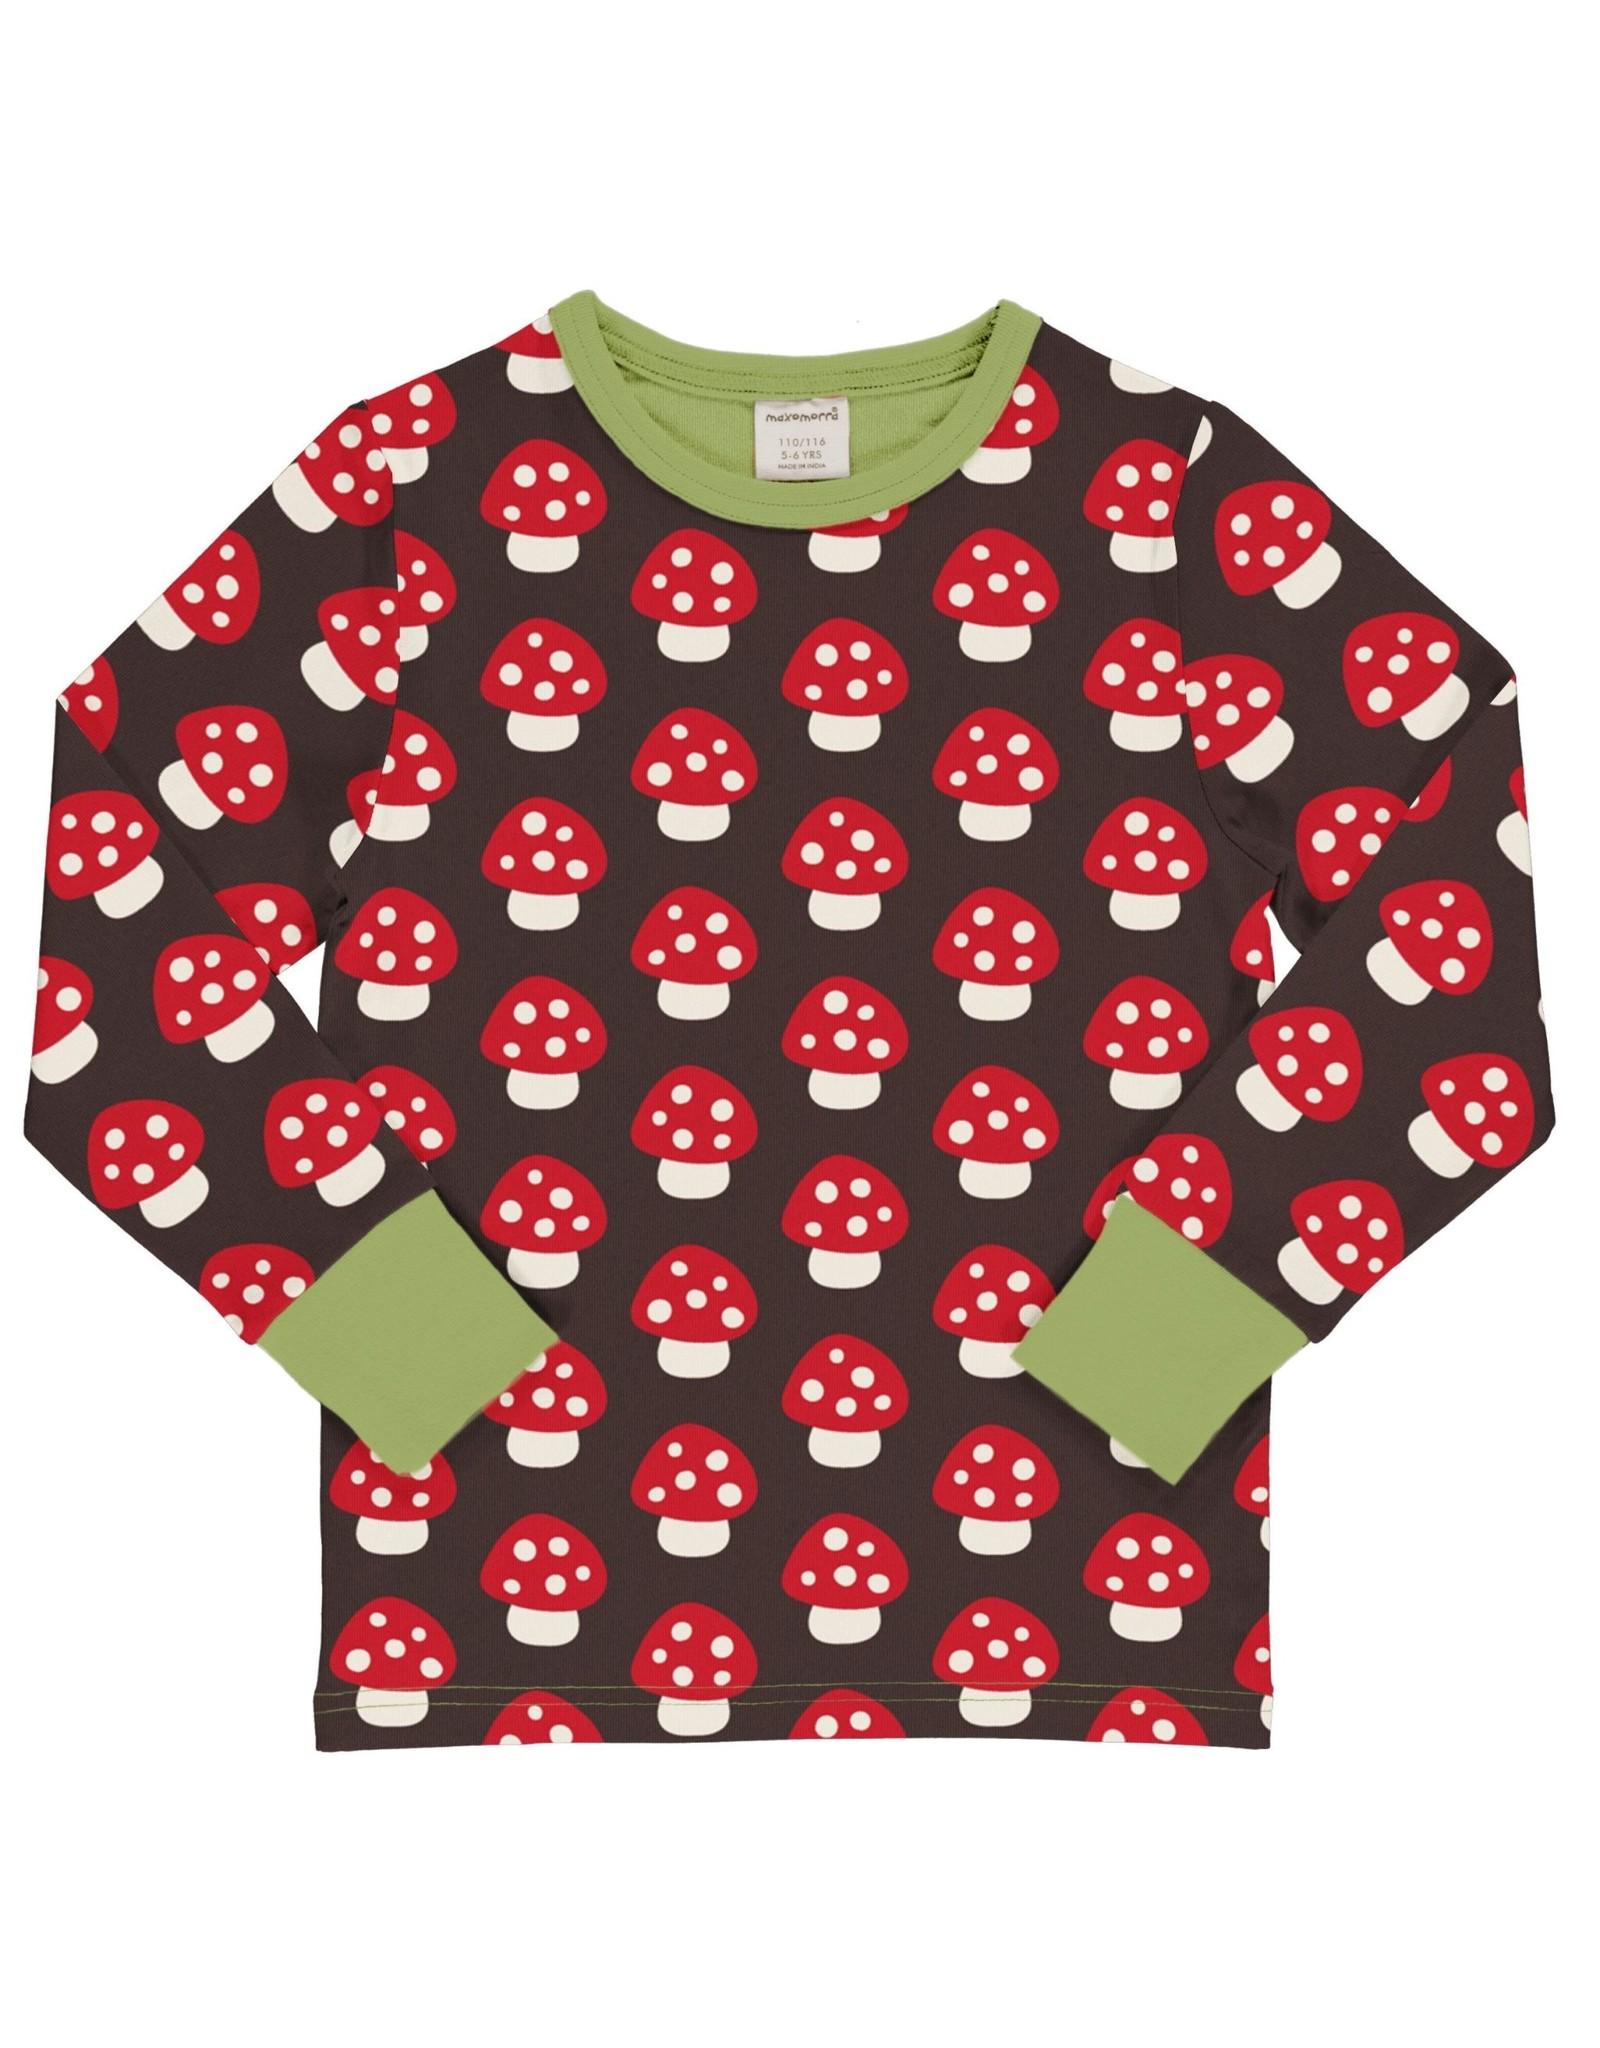 Maxomorra T-shirt met paddenstoelen print